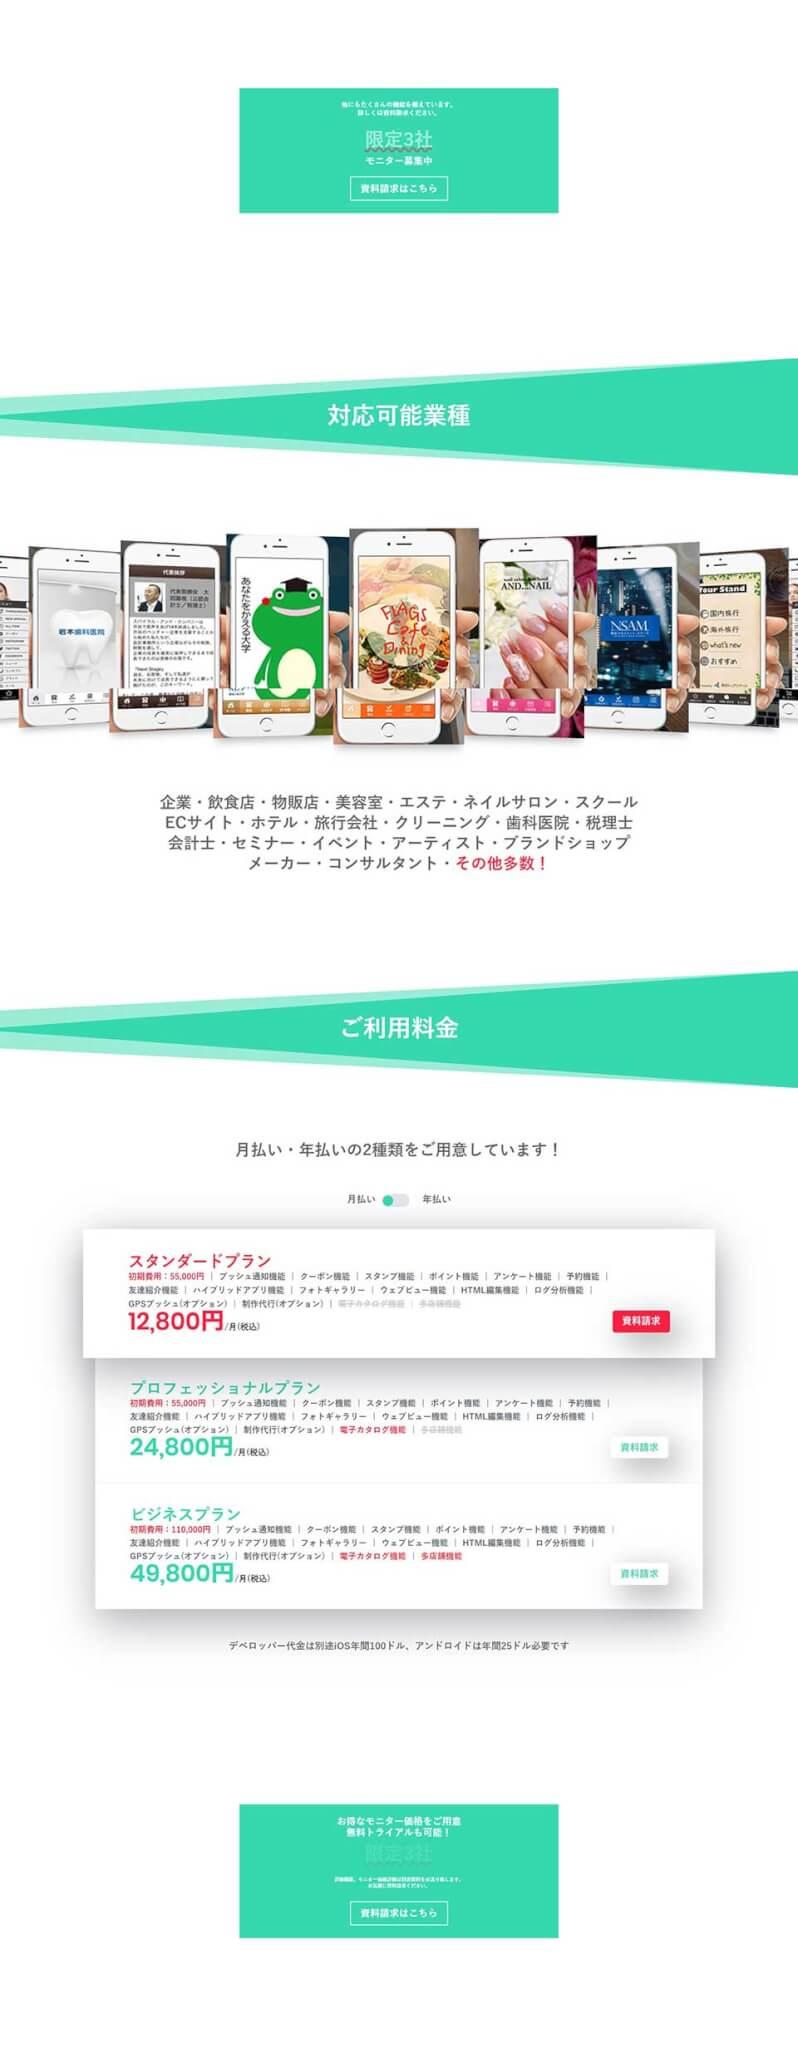 ランディングページが激安|格安ホームページ制作|動くサイト|ワンズスマイルのWeb